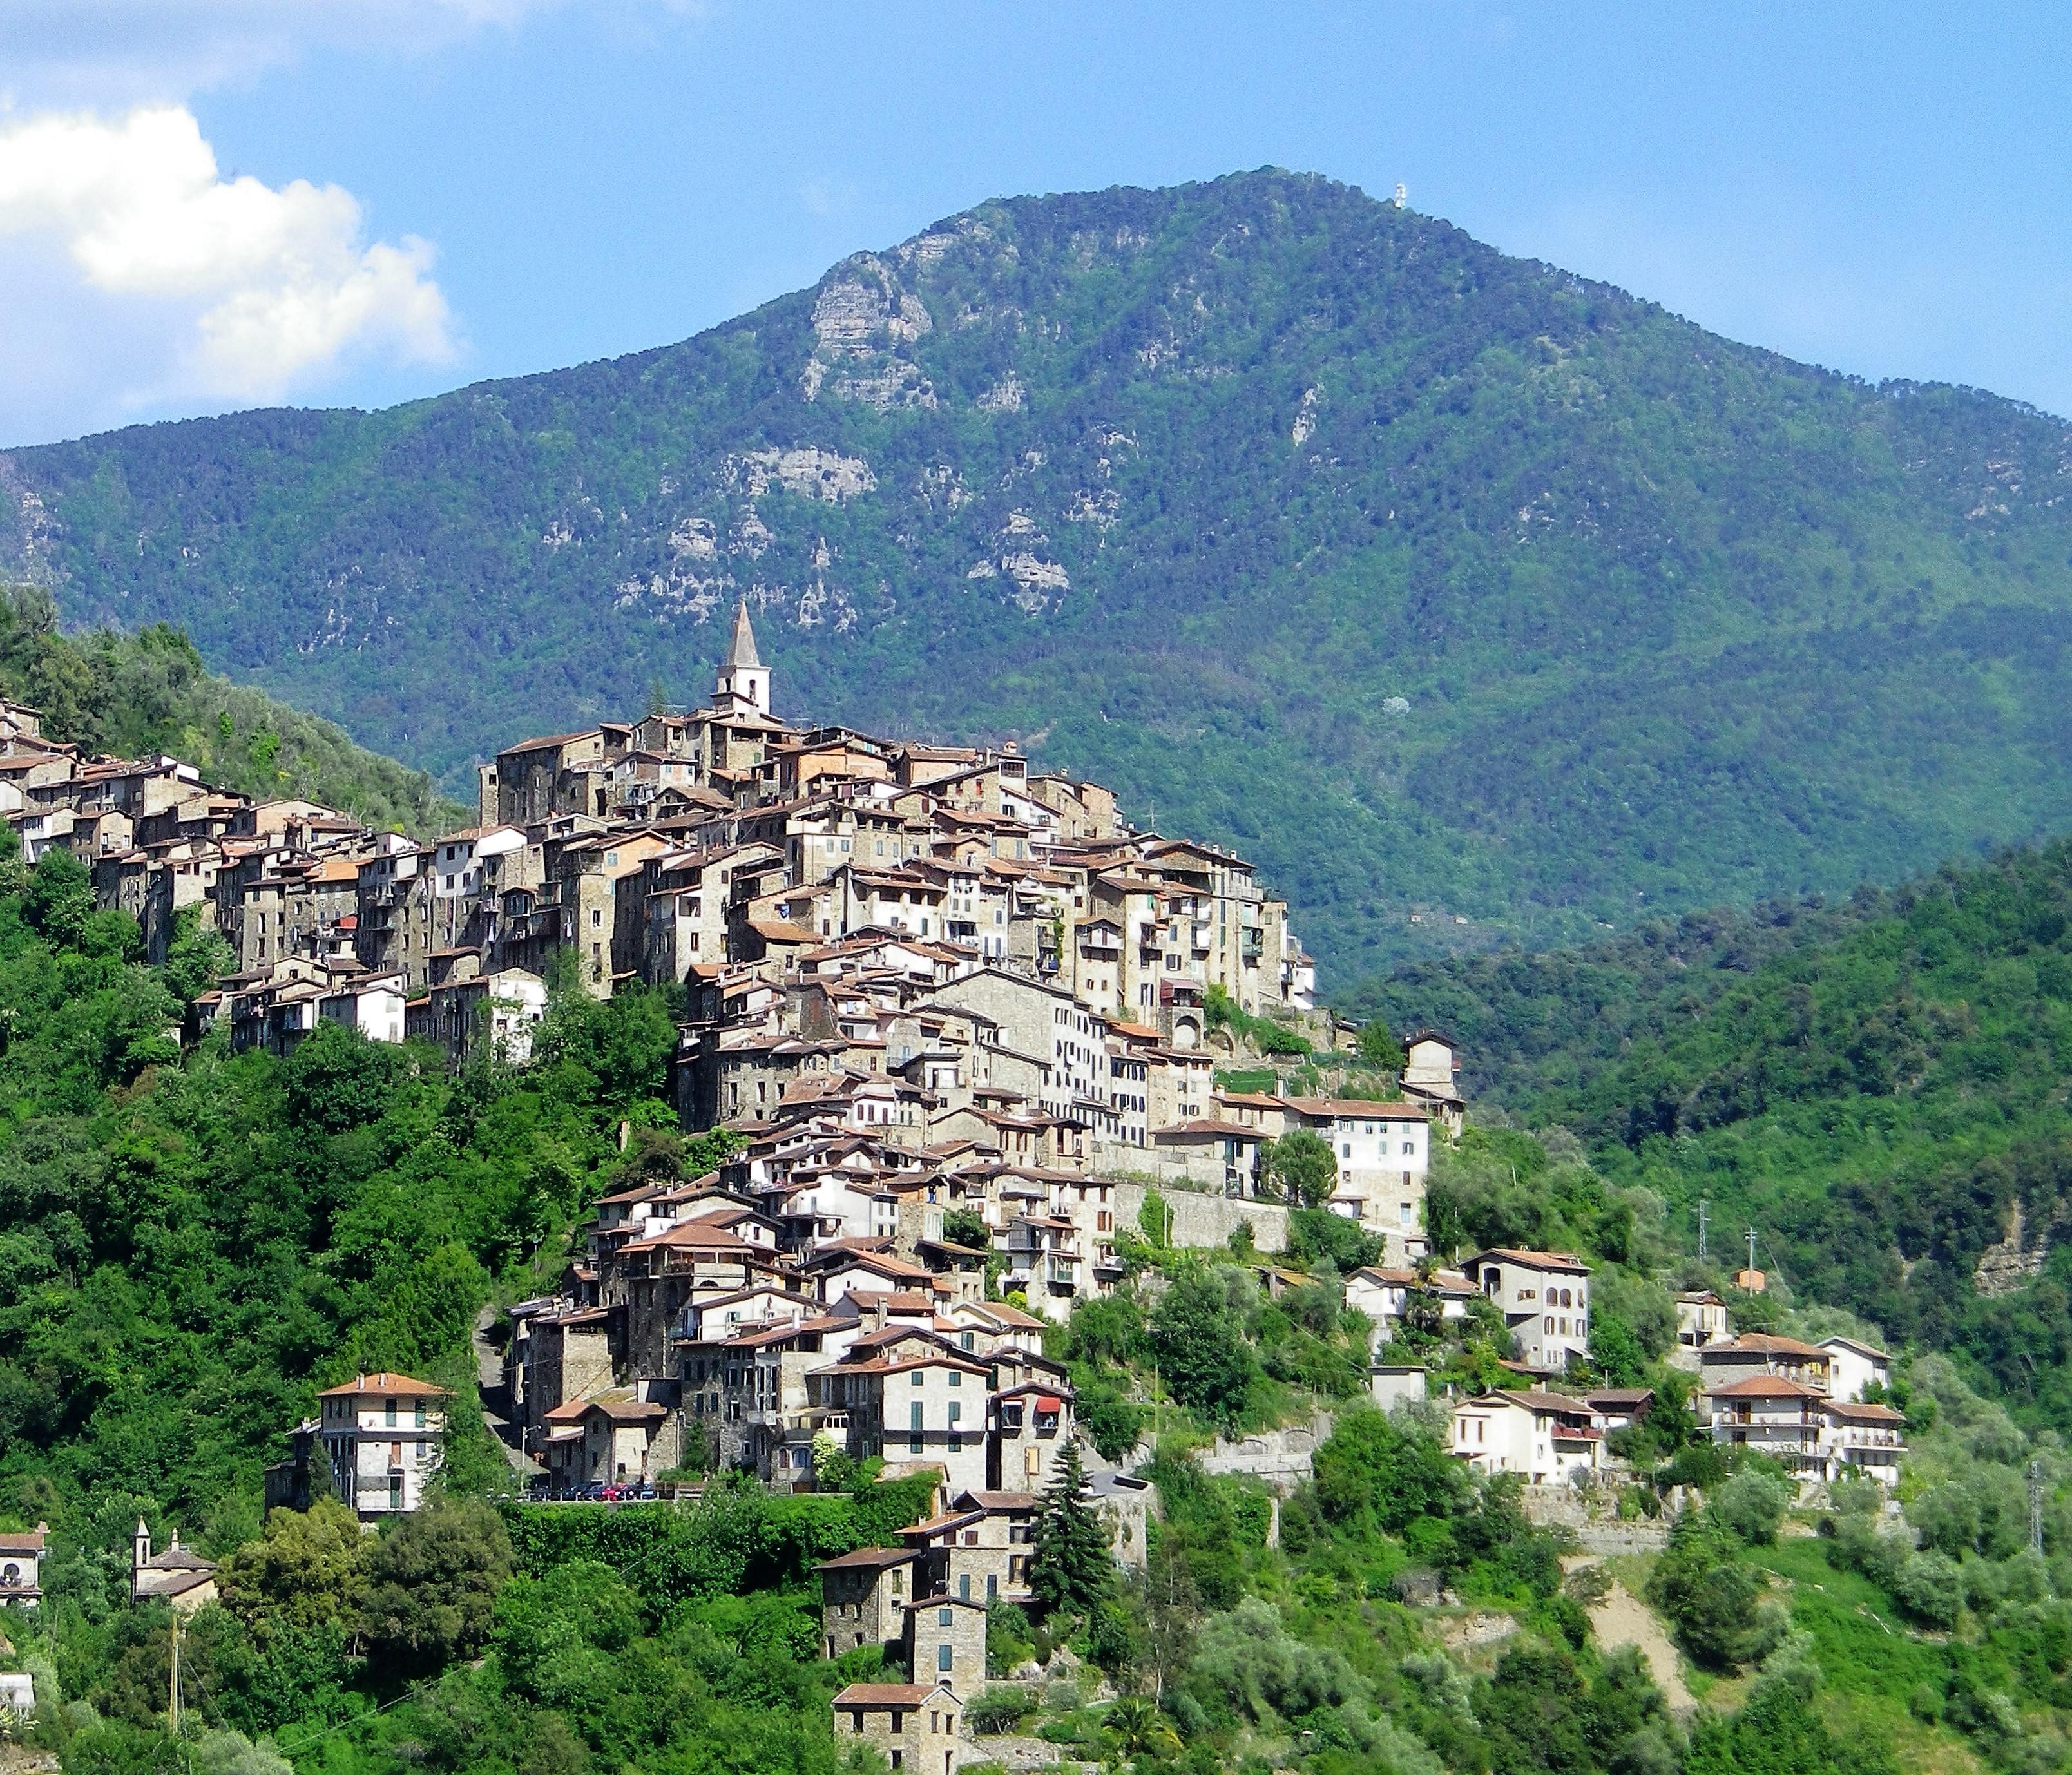 Les villages perchés Ligure